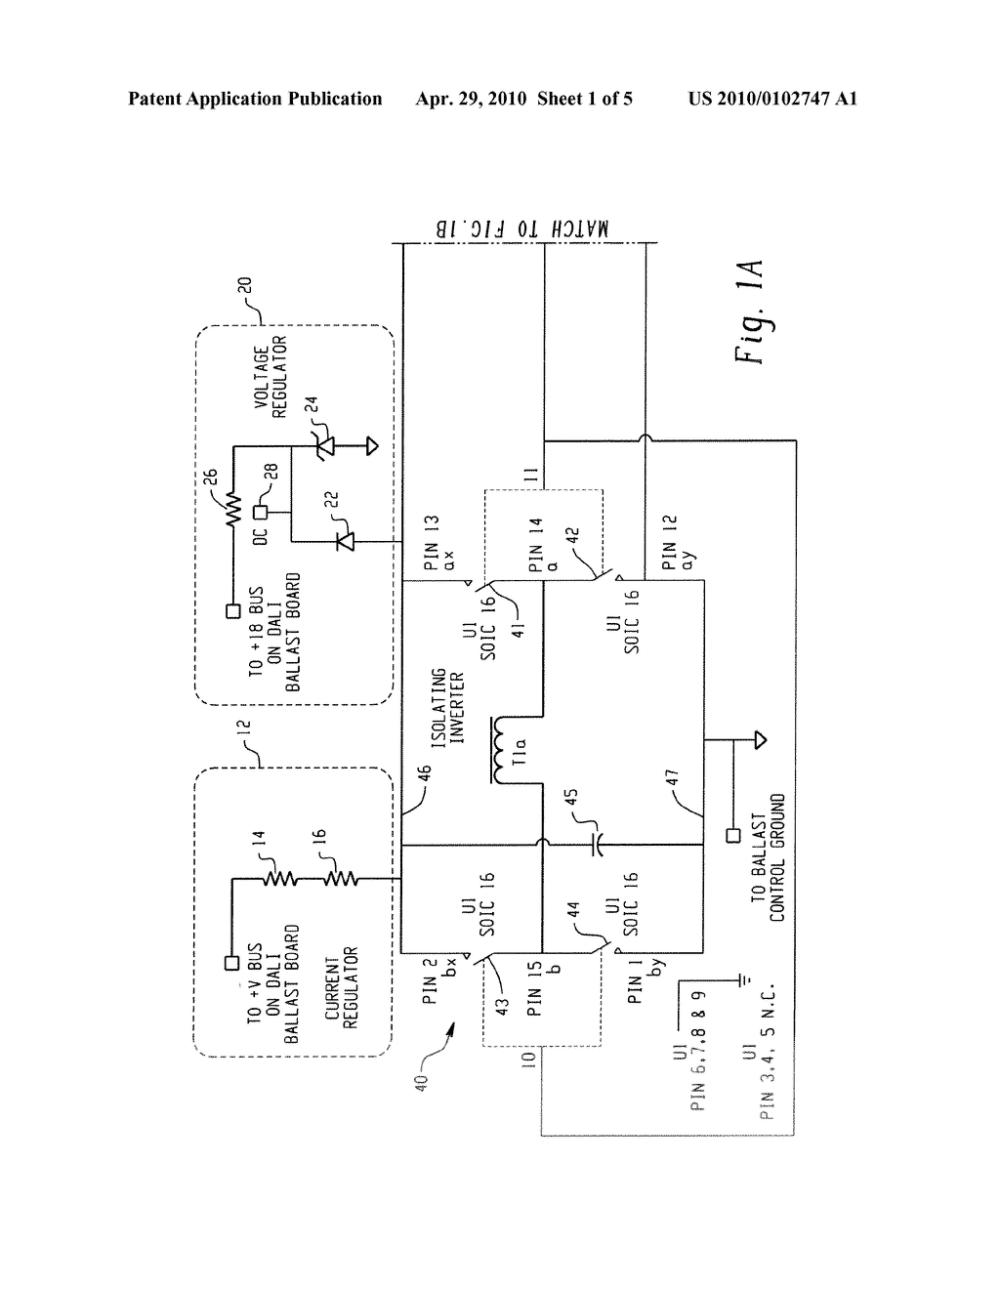 medium resolution of 0 10v dimming wiring diagram 0 10v dimming wiring diagram lutron 0 10v wiring diagram